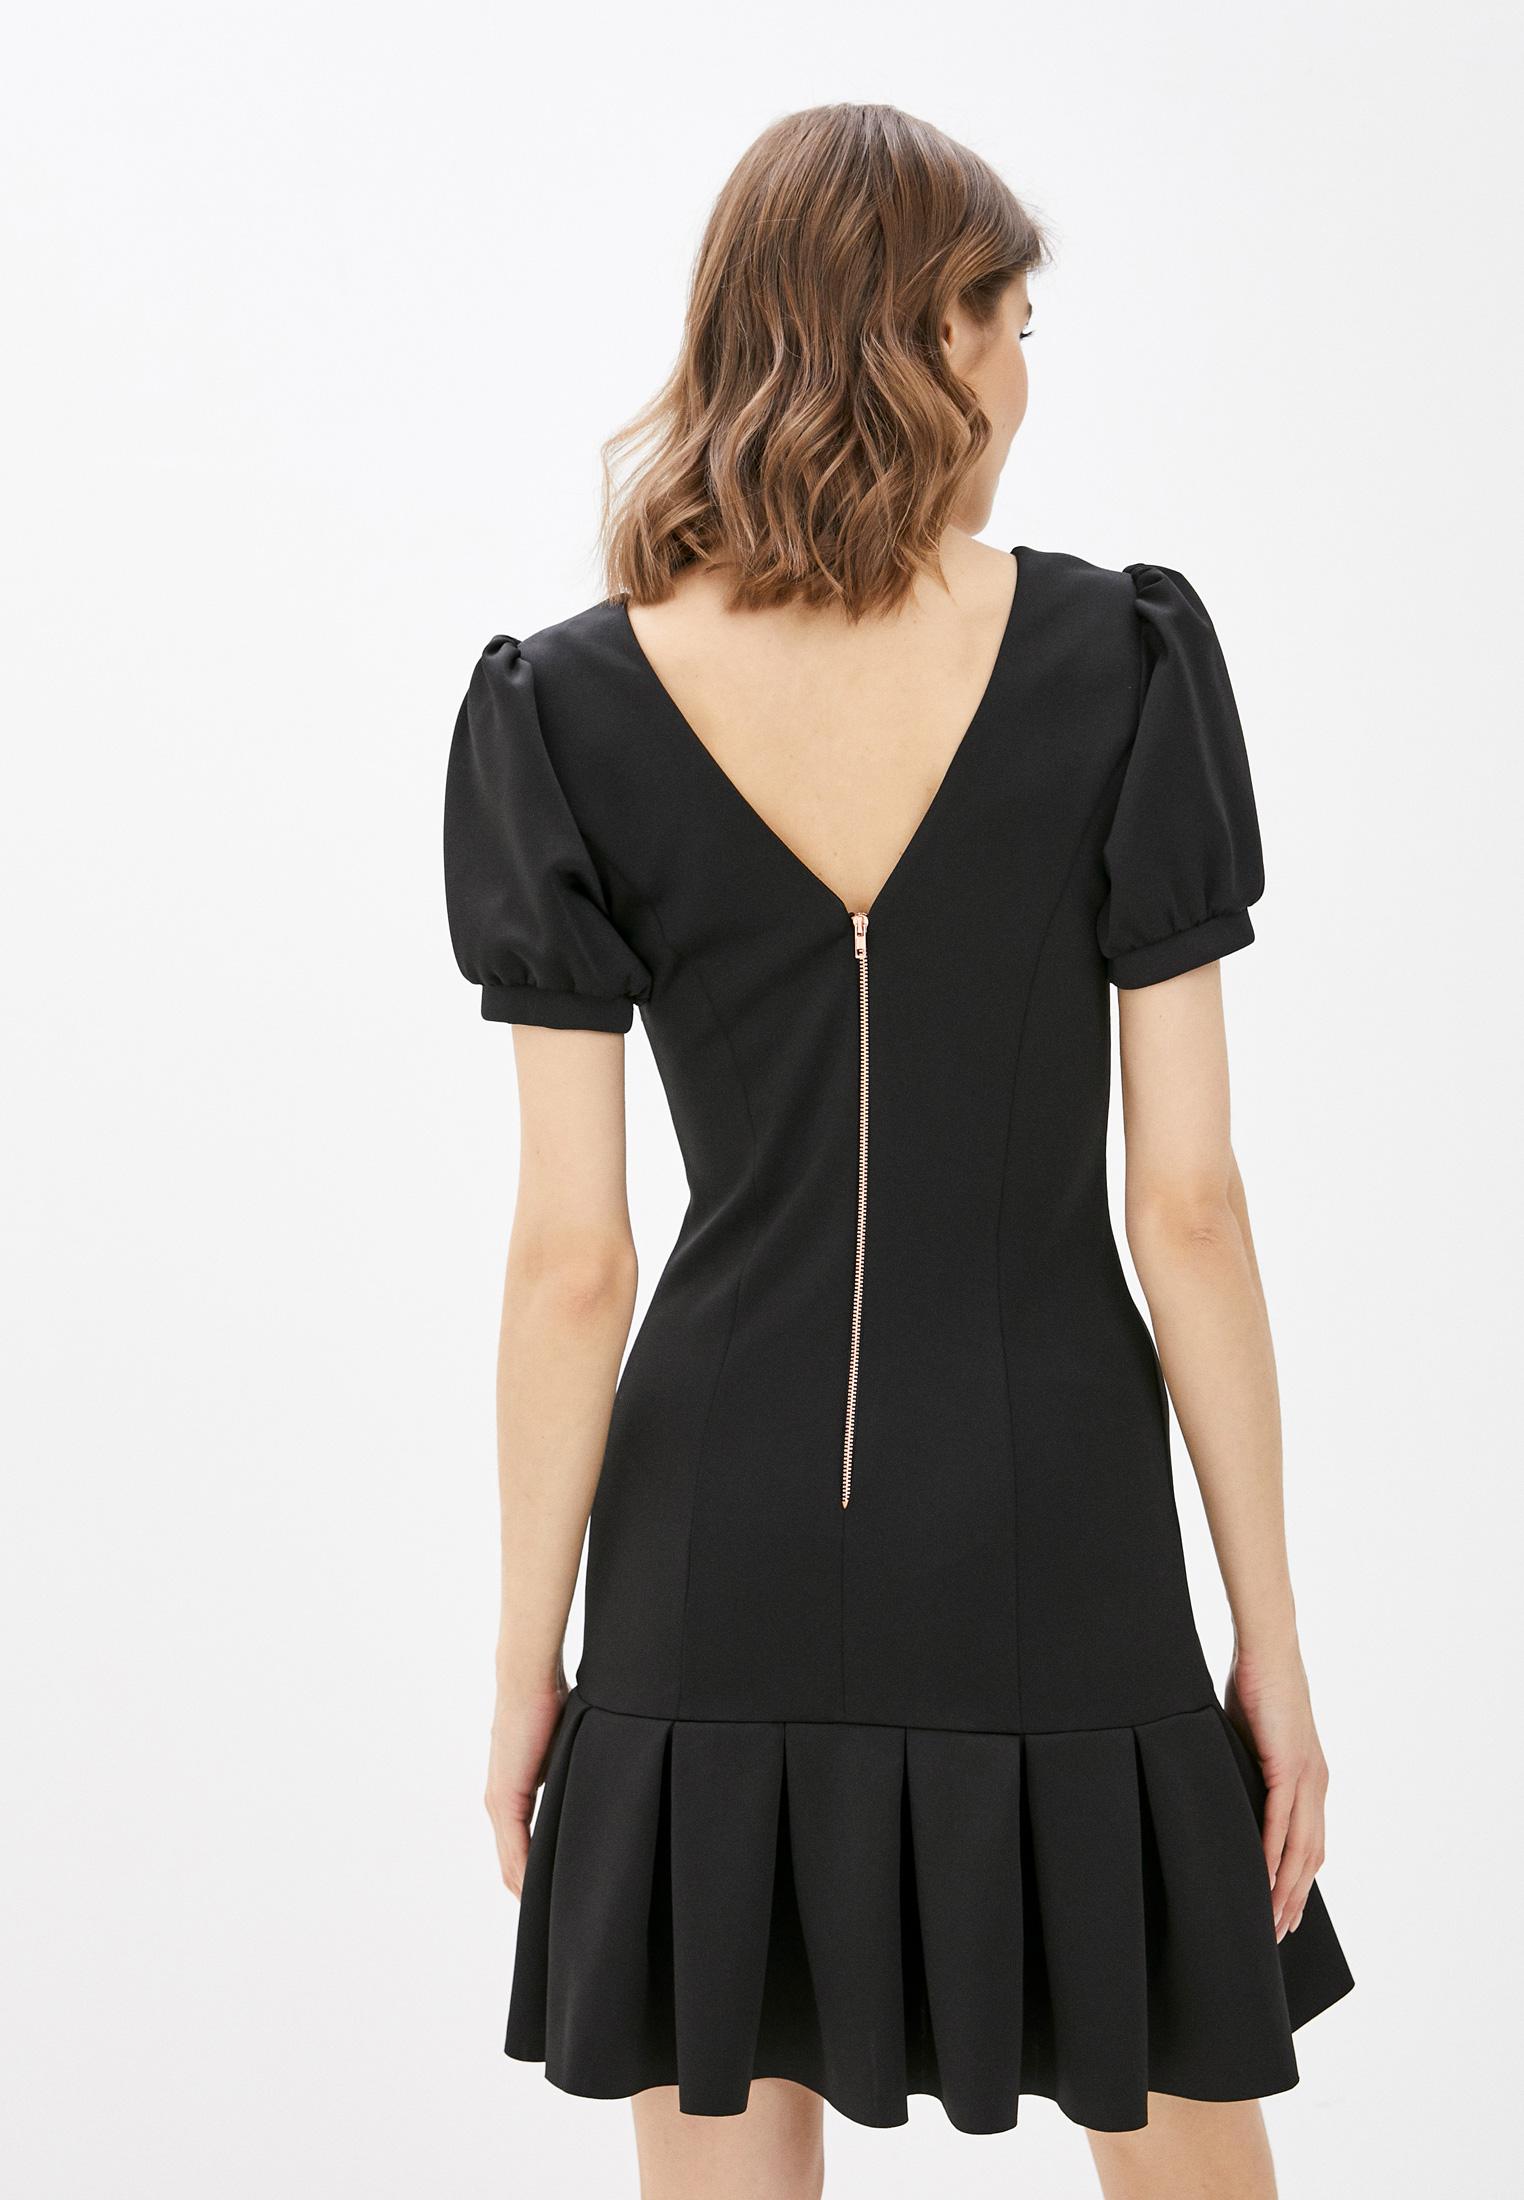 Вечернее / коктейльное платье Chi Chi London 52821BK: изображение 3